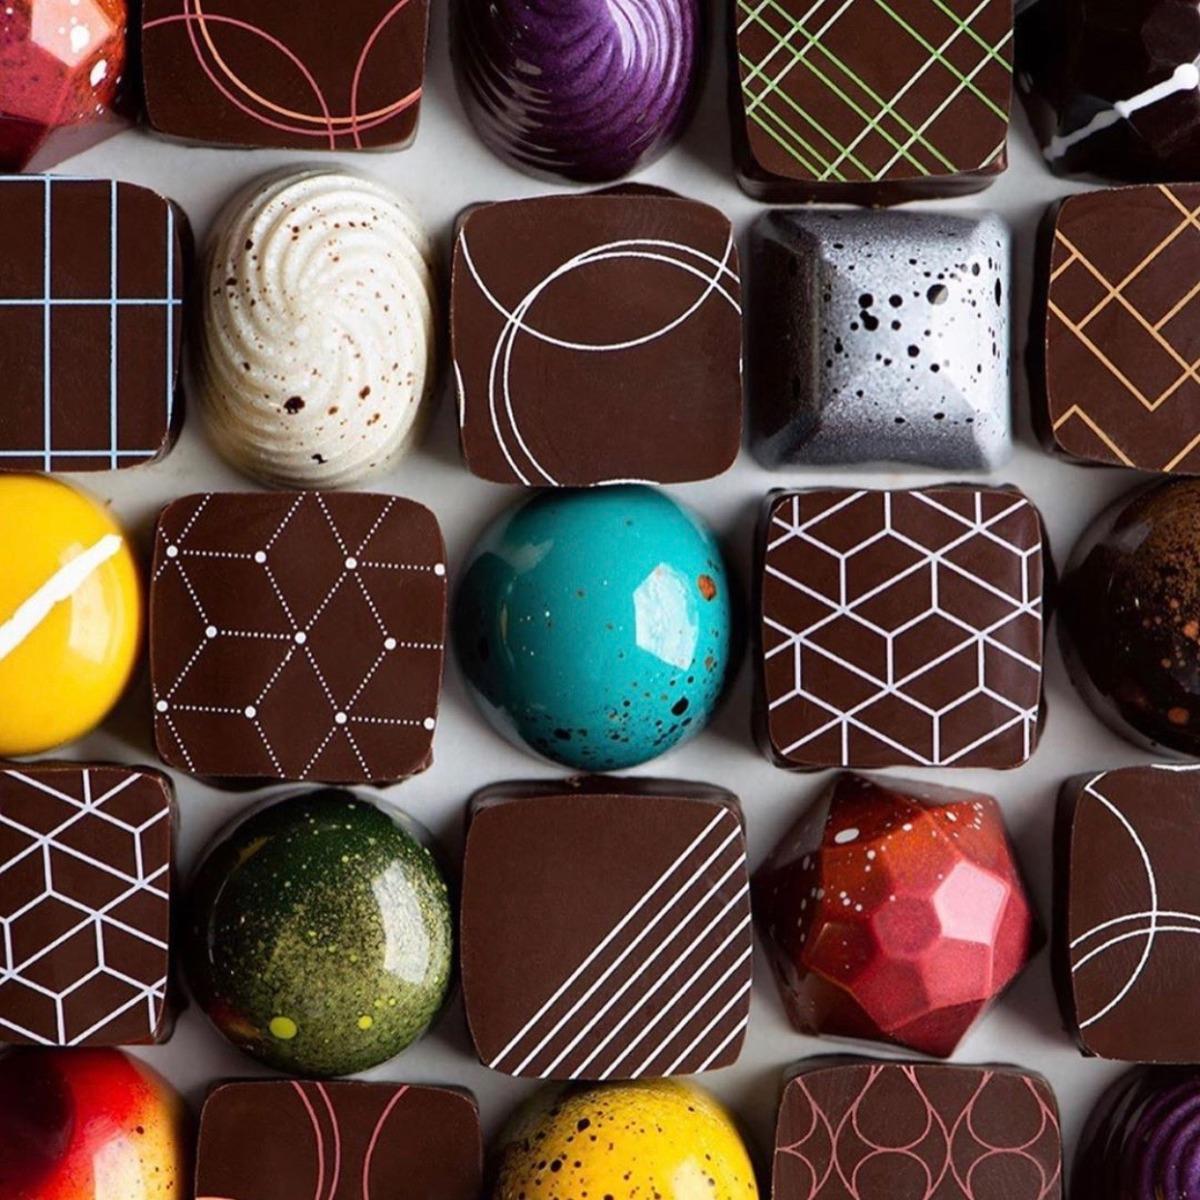 ELBOW CHOCOLATES